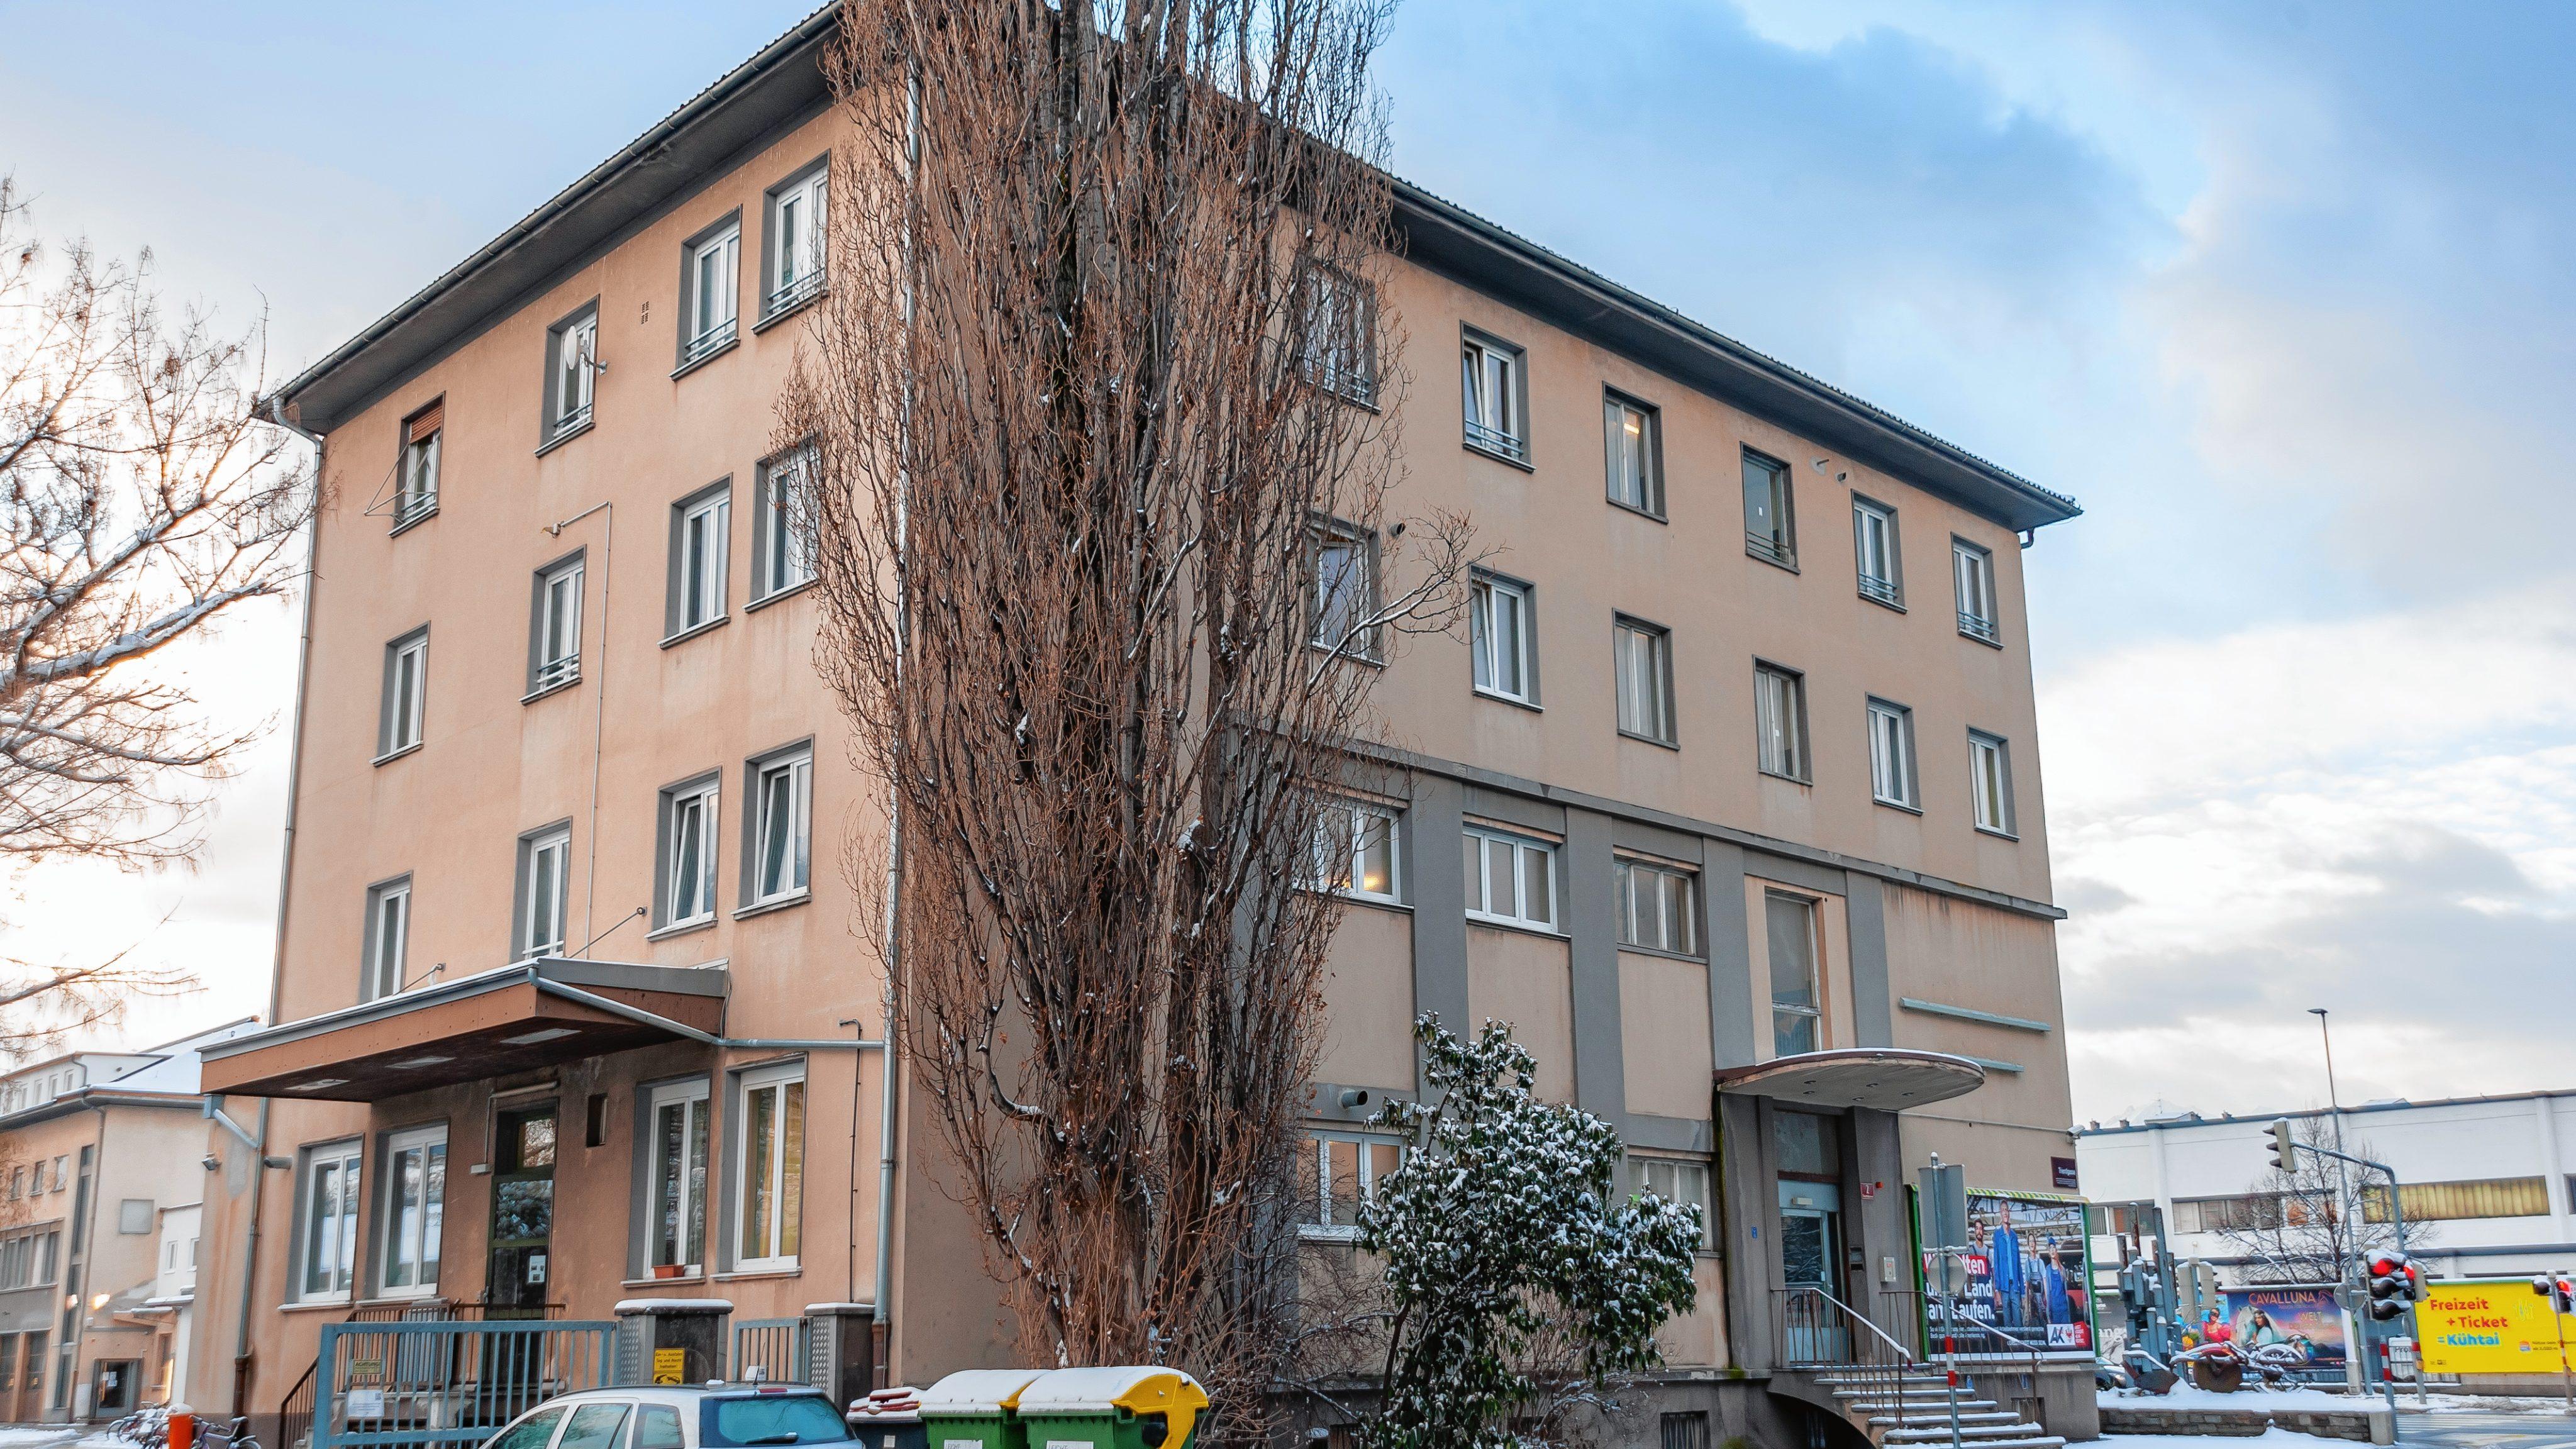 Asyl In Erschütternde Mord at DetailsKrone InnsbruckNeue 9WEHID2